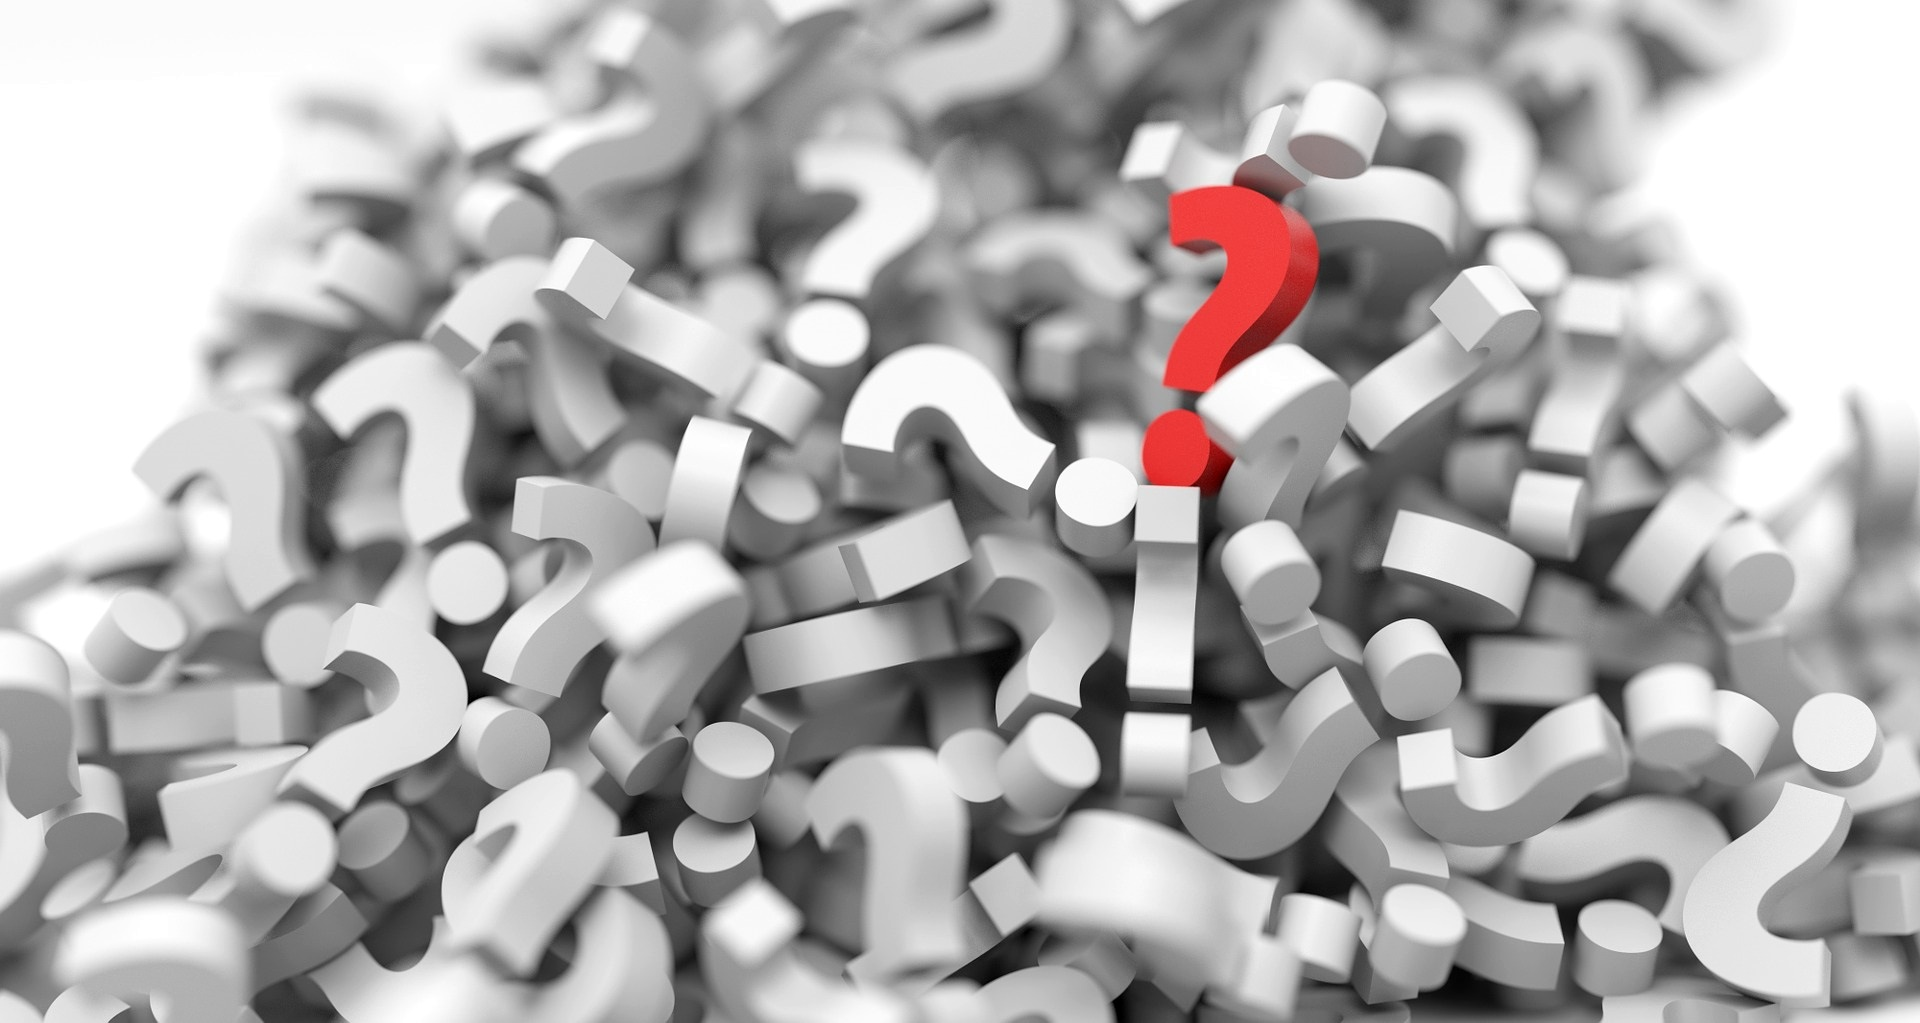 Fragen stellen Gewinnen Verkauf Ulrike Knauer Verkaufsseminar Verhandlungsseminar München offene Fragen W-Fragen Informationen hinhören Frage